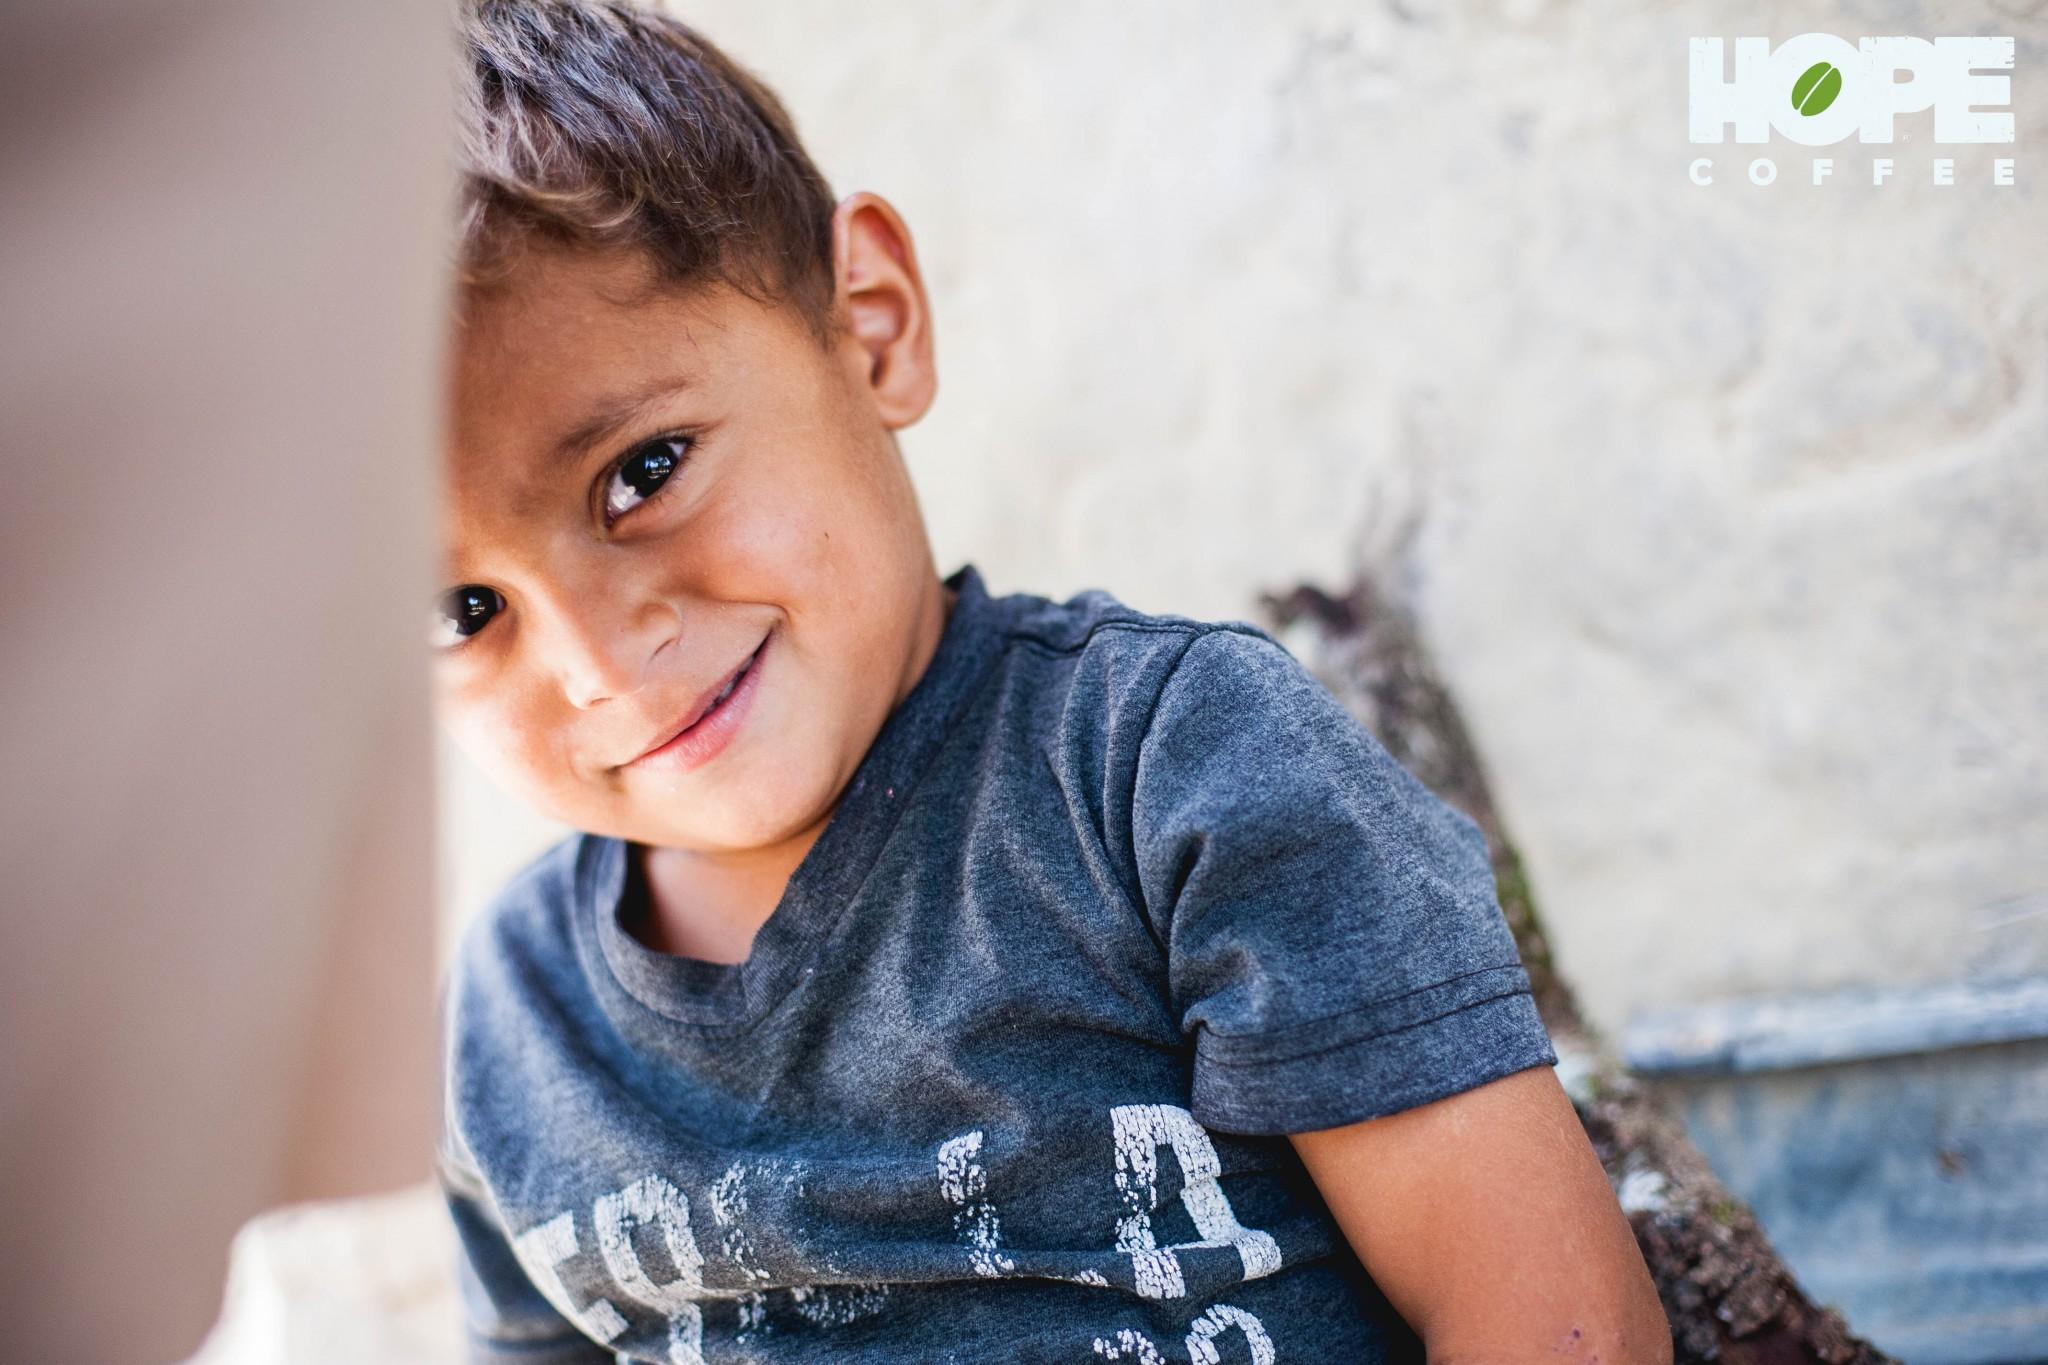 The Faces of Honduras